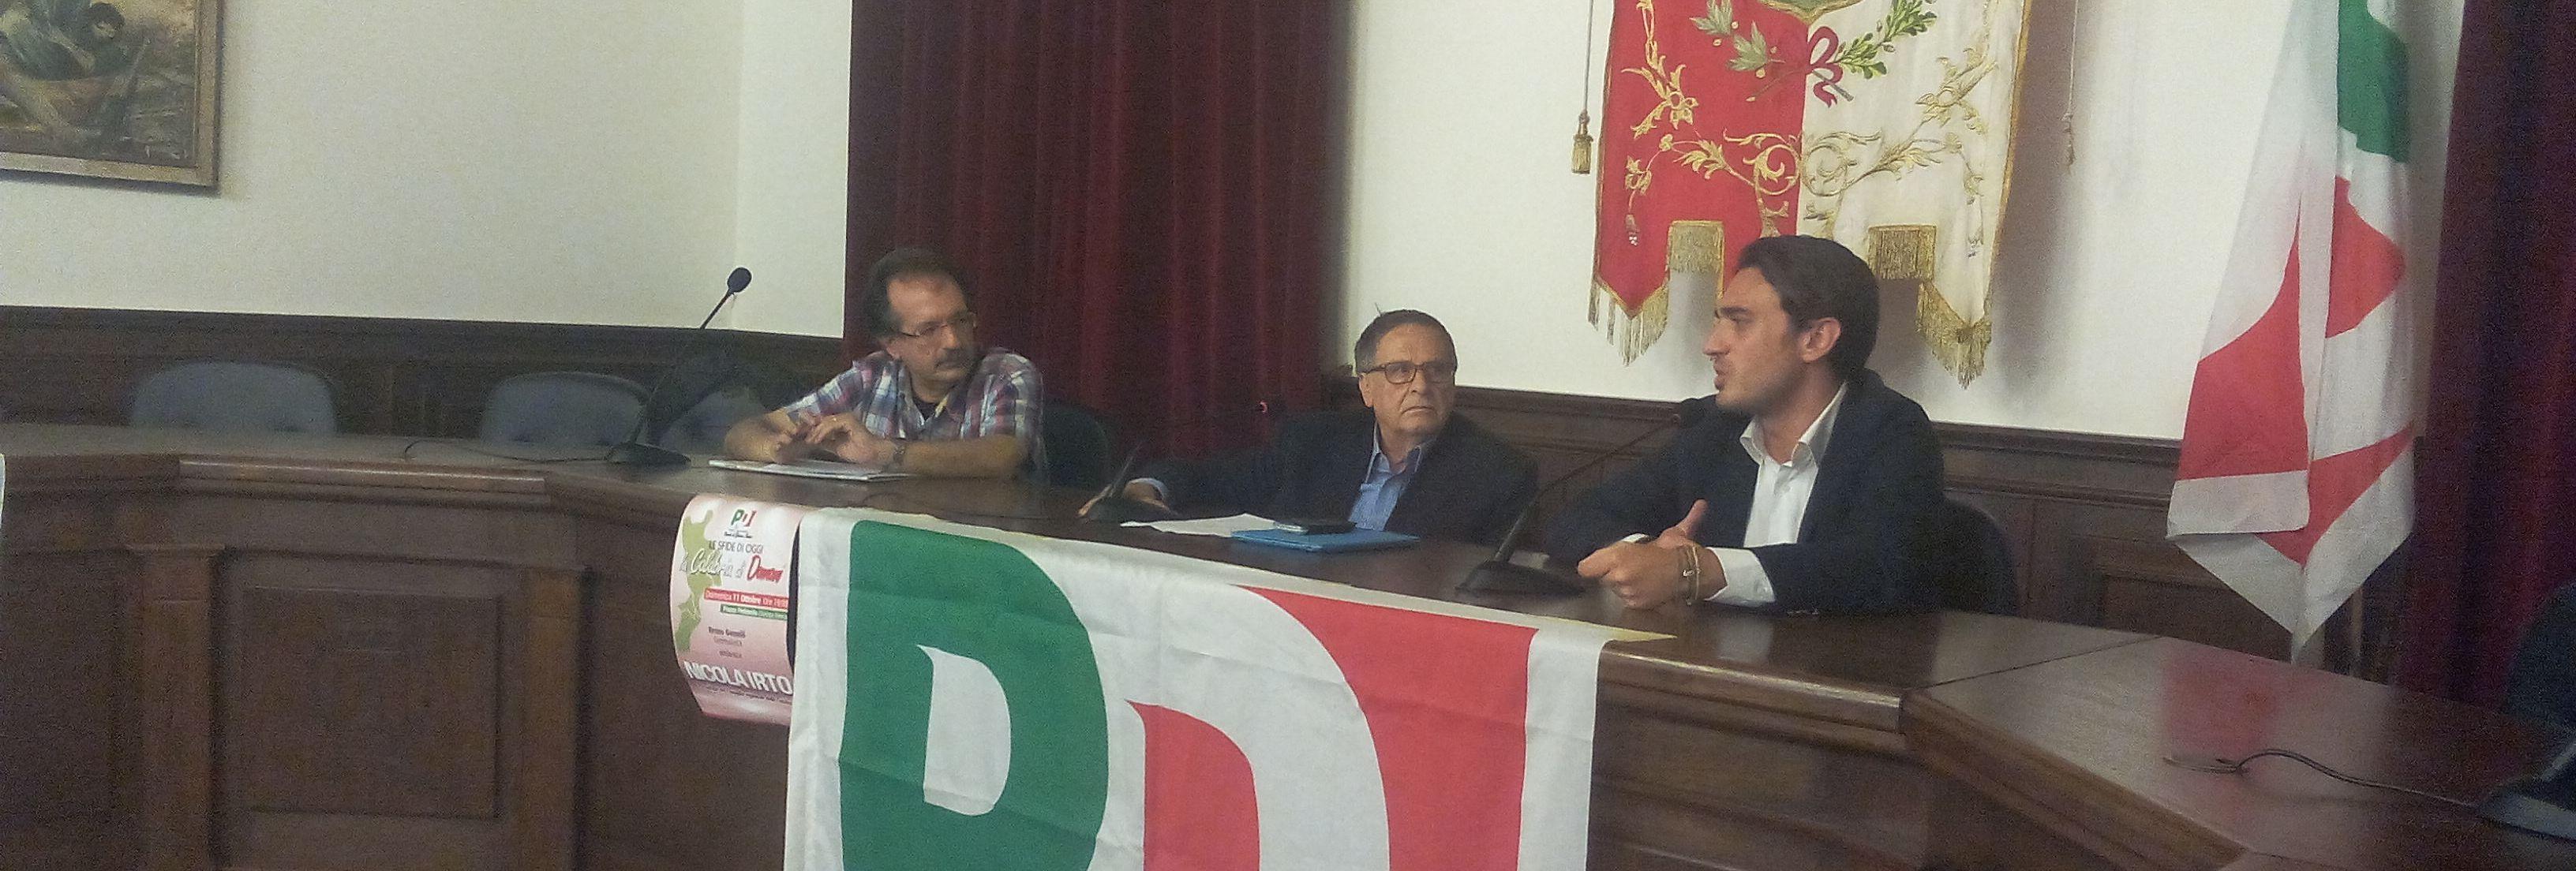 L'iniziativa del PD di Gioiosa Jonica con Nicola Irto